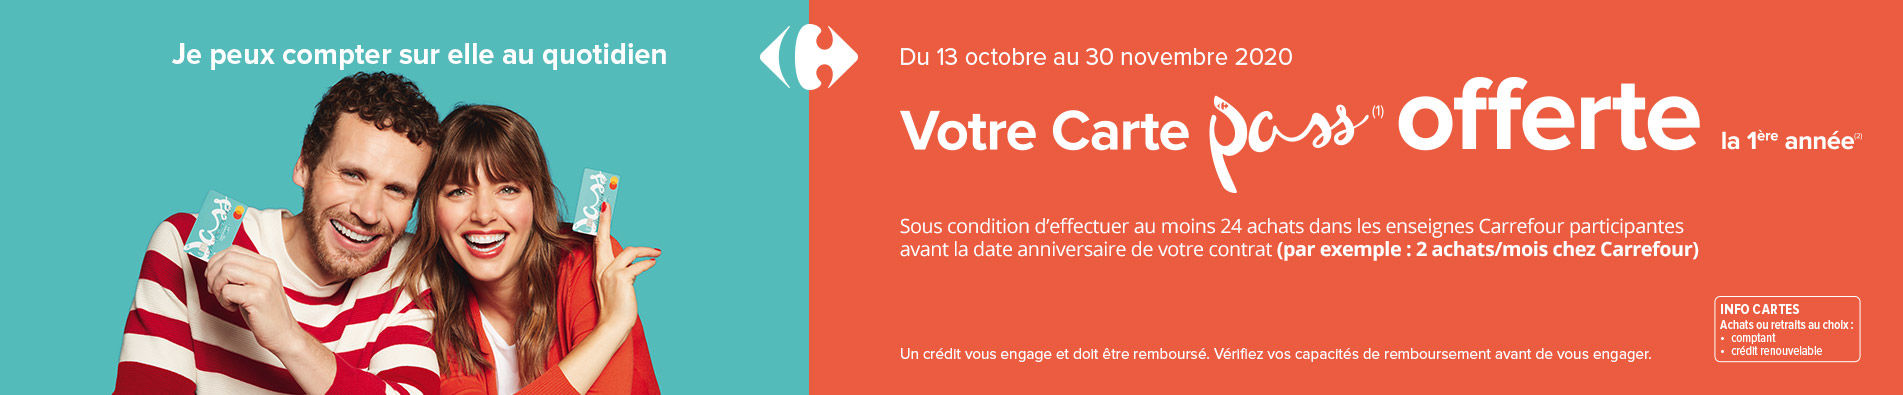 Carte Pass offerte